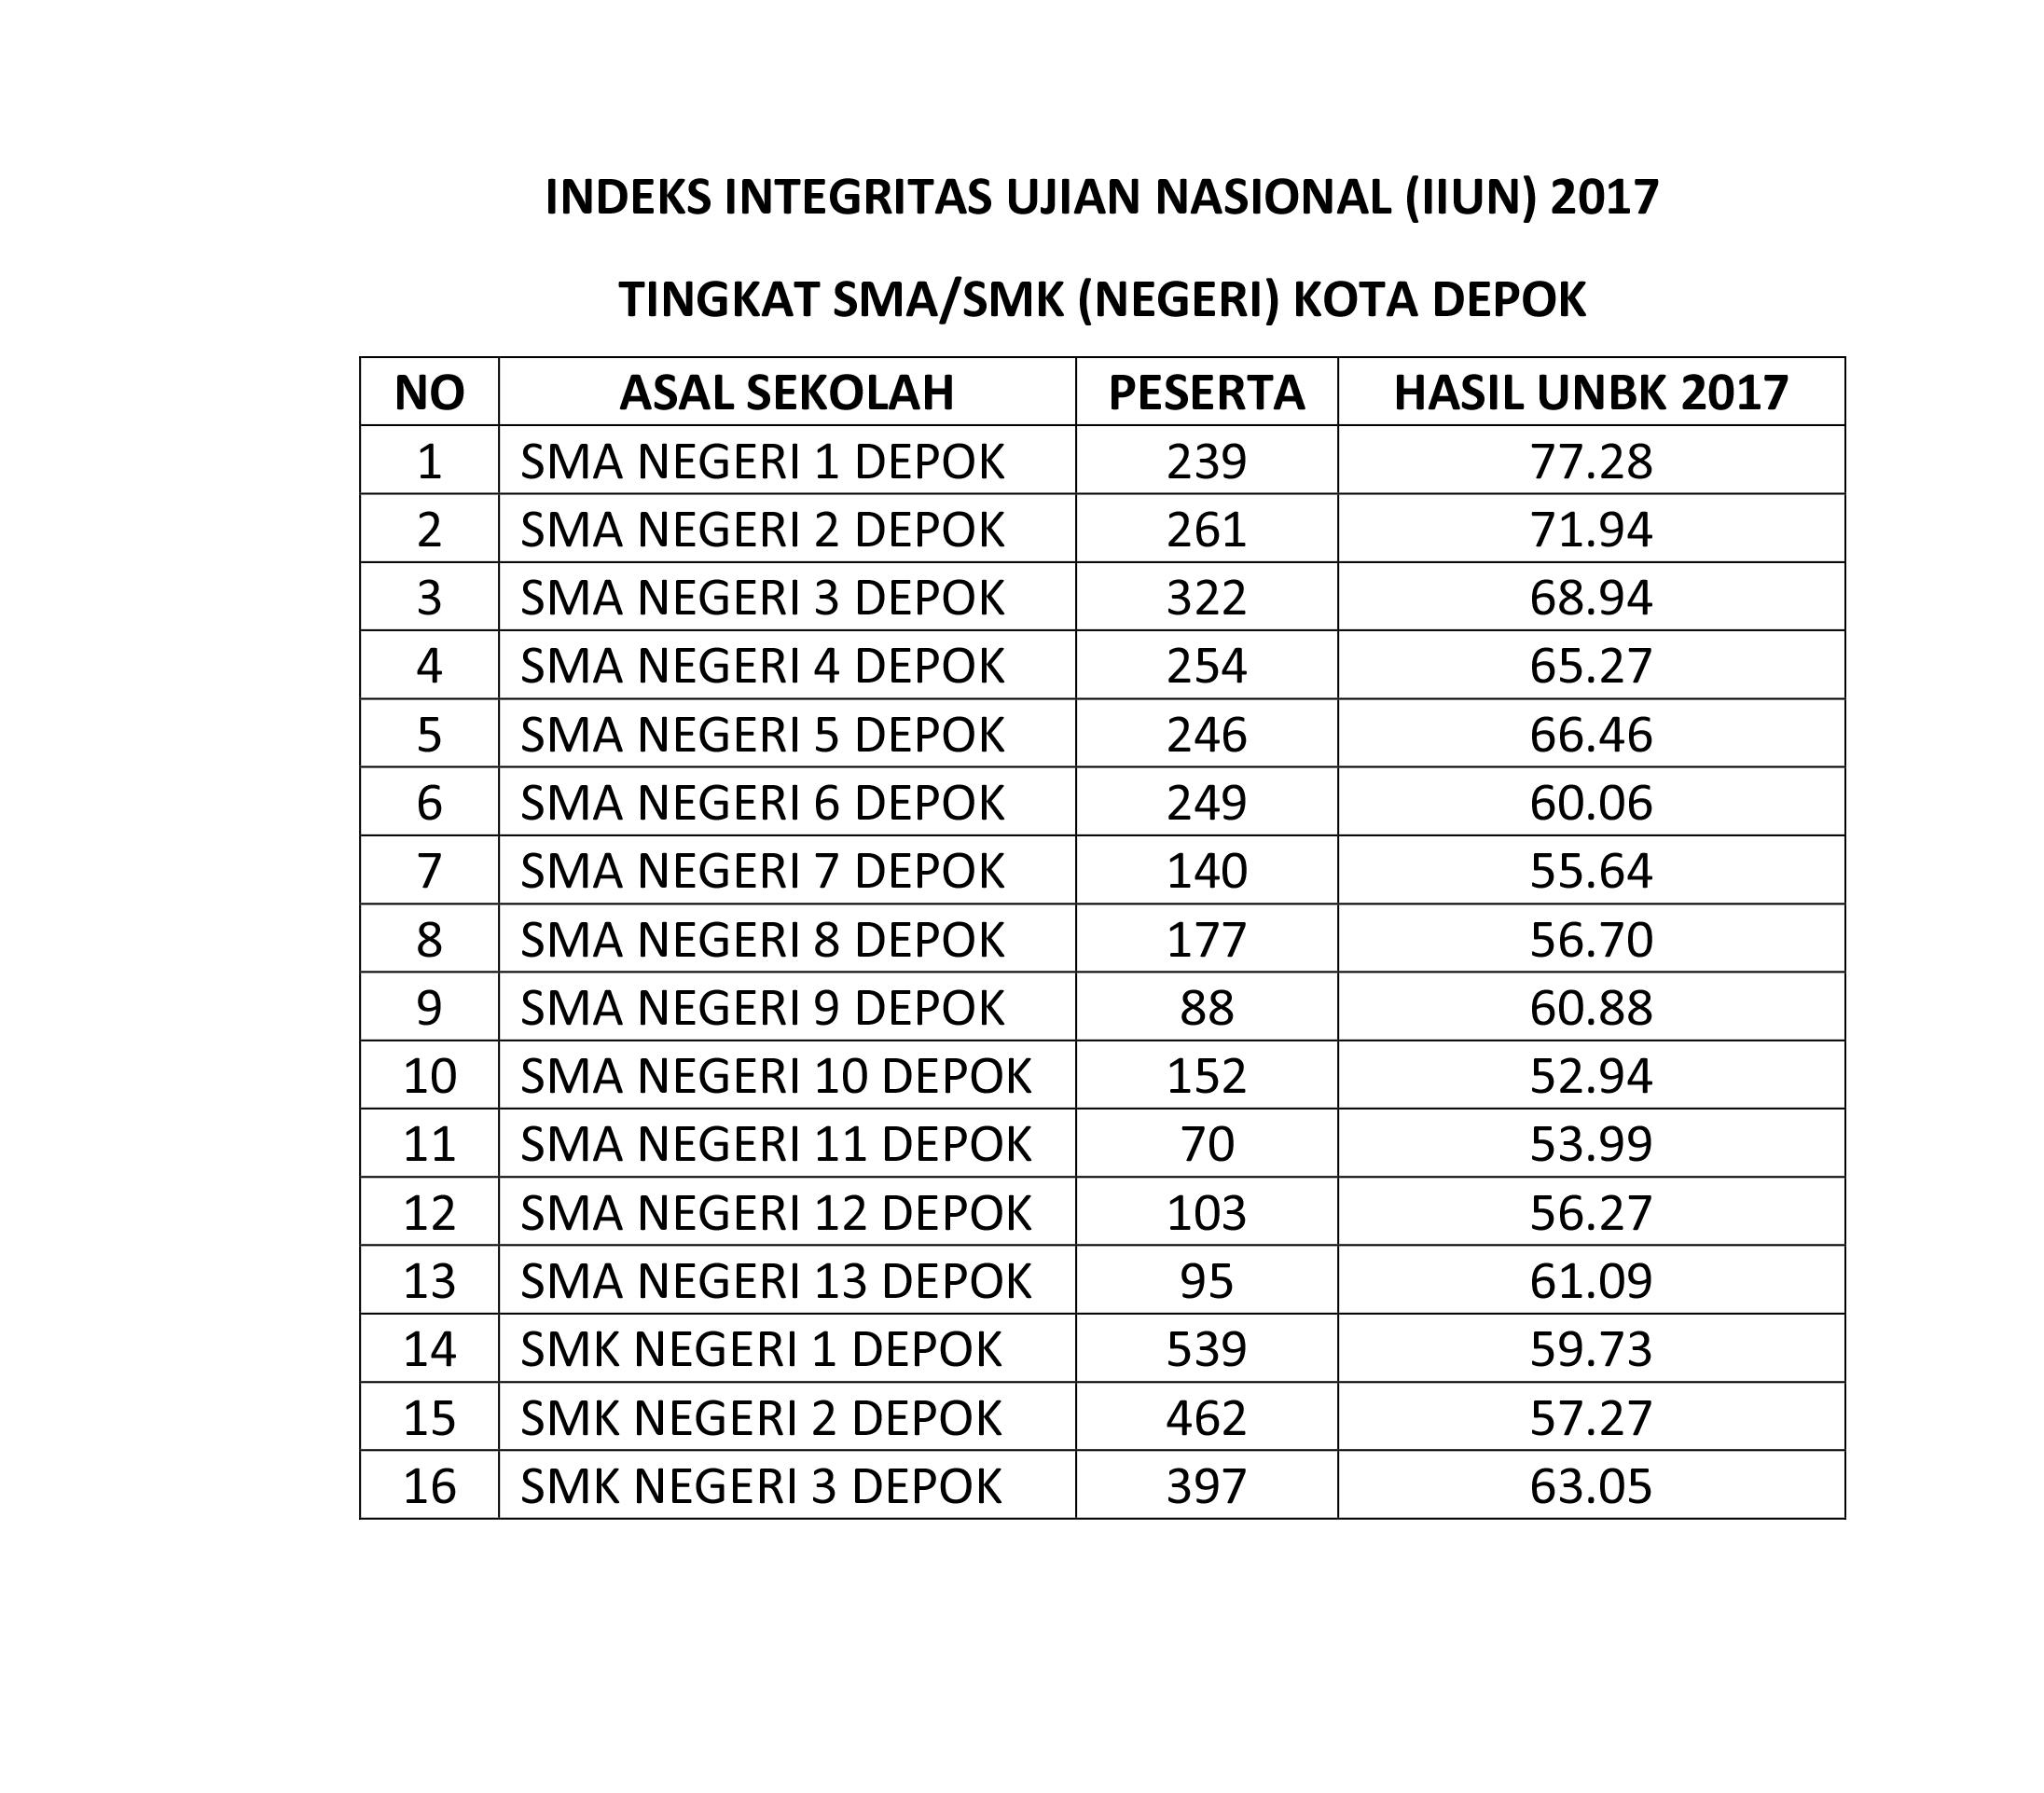 Inilah hasil UNBK SMA dan SMK tahun 2017.